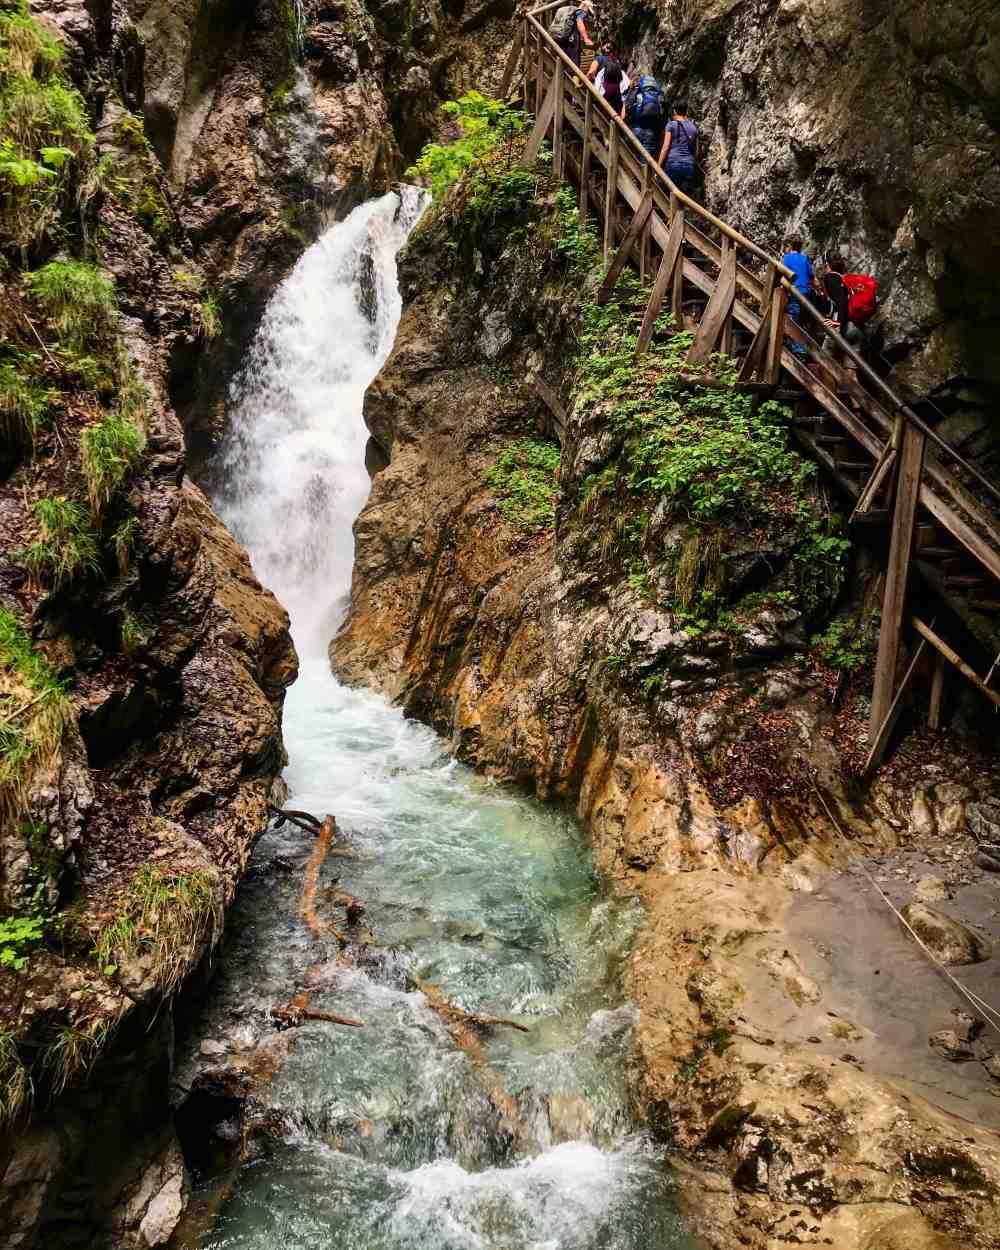 Das sind unsere Hitze-Ausflugsziele in Tirol mit Kindern - hier die Klammwanderung mit dem kalten Bergwasser